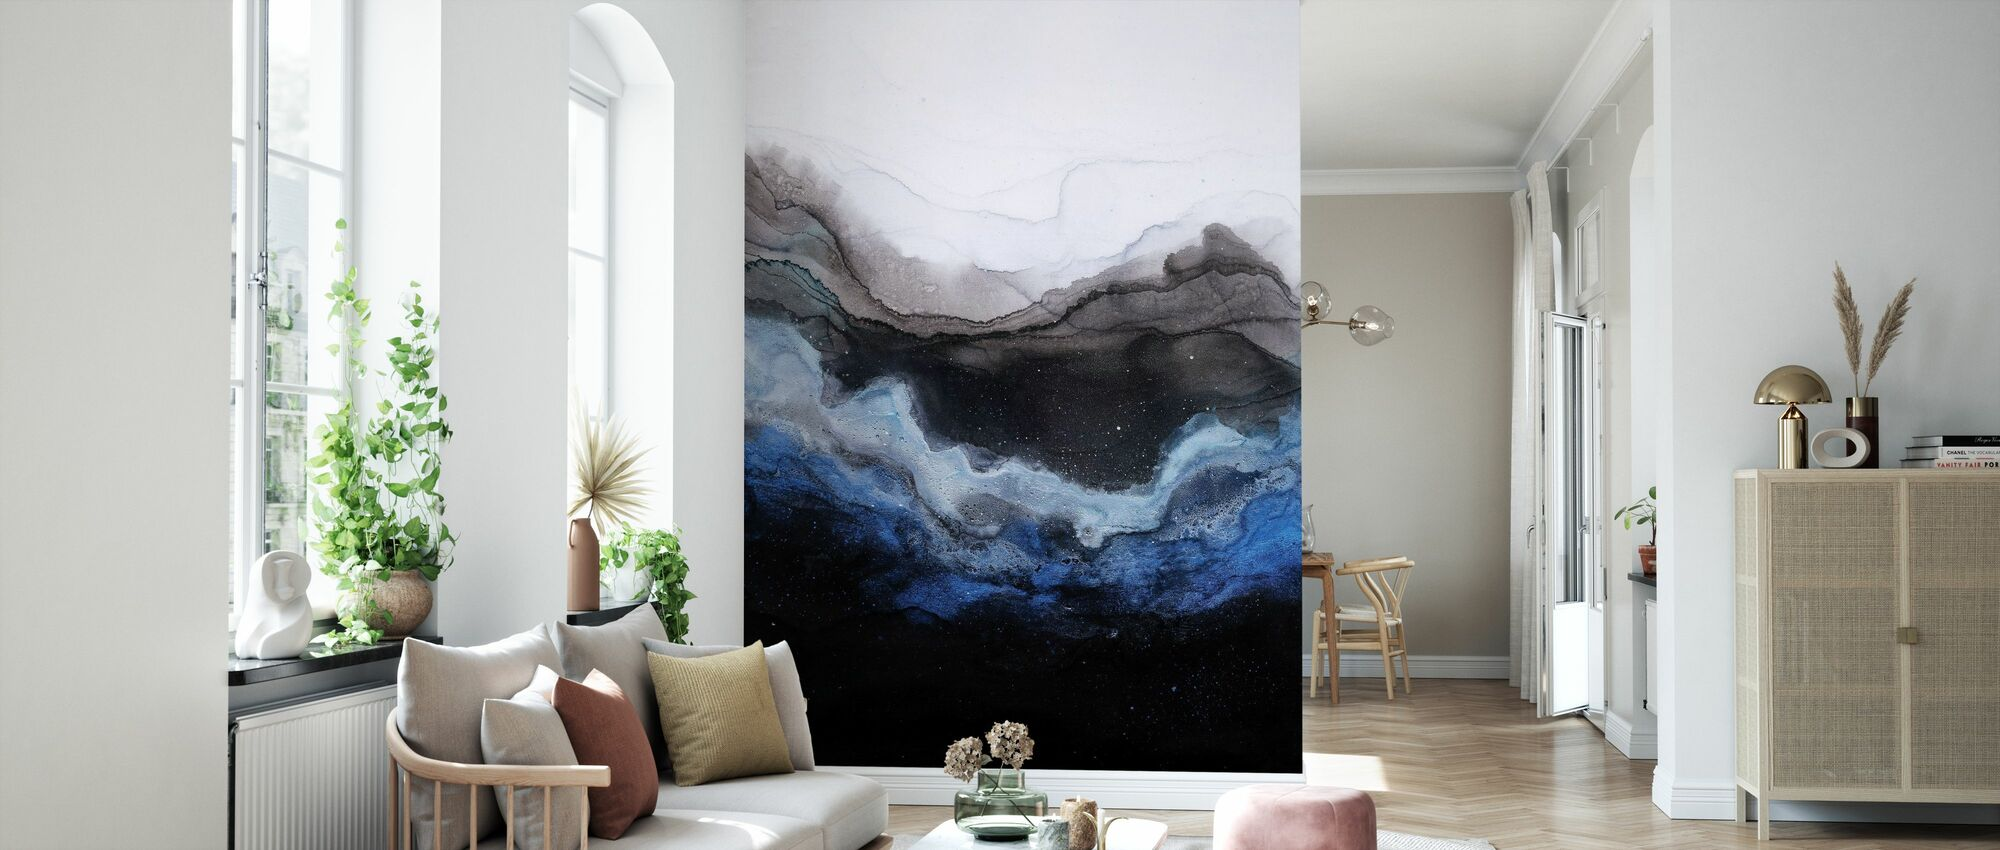 Whisper - Wallpaper - Living Room